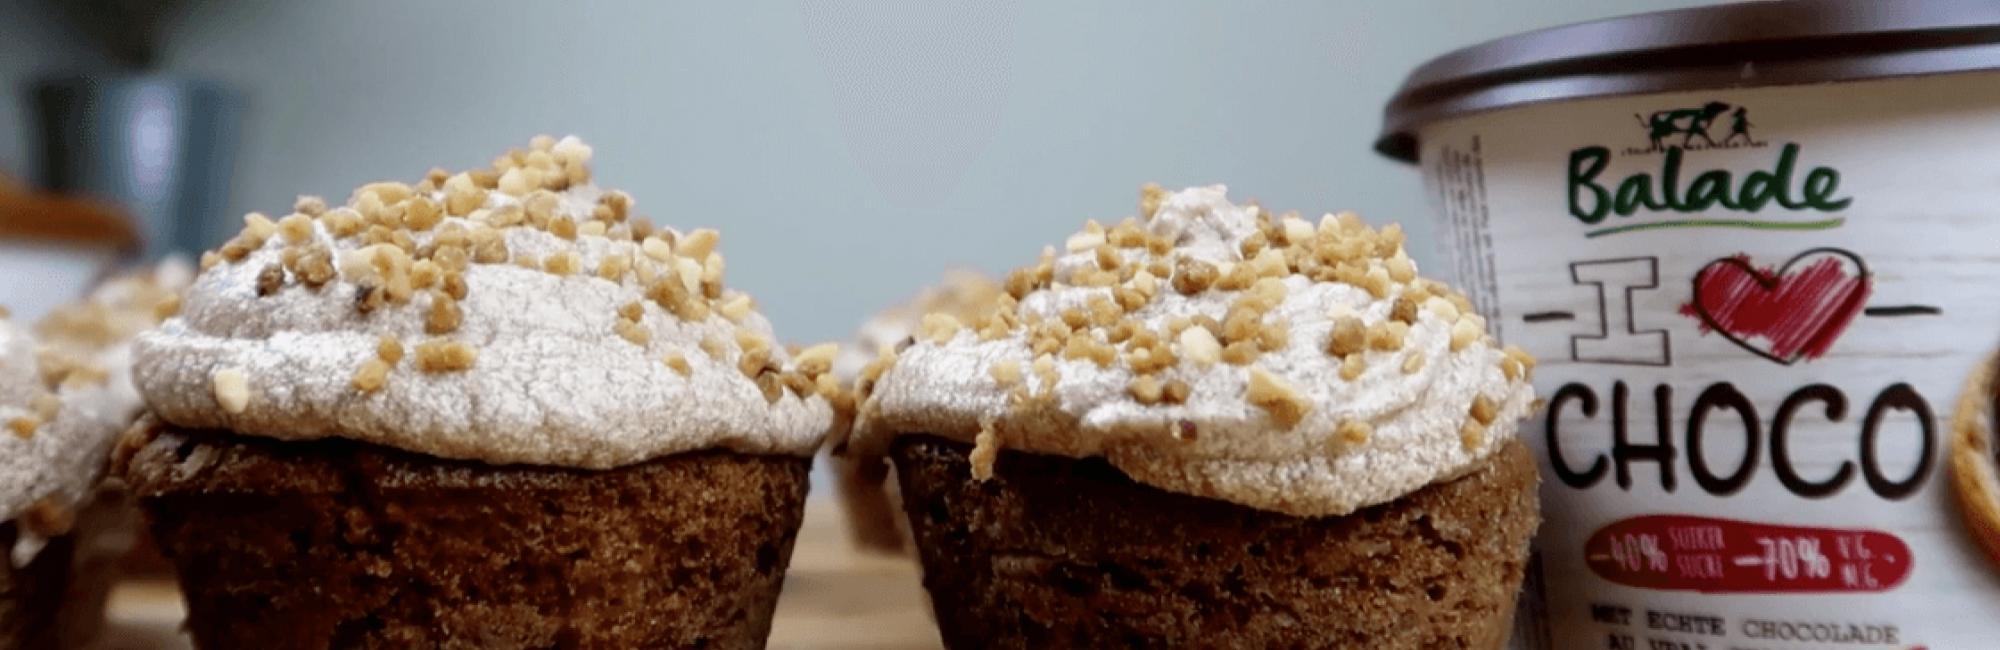 cupcakes, chocolat, pâtes choco, glaçage